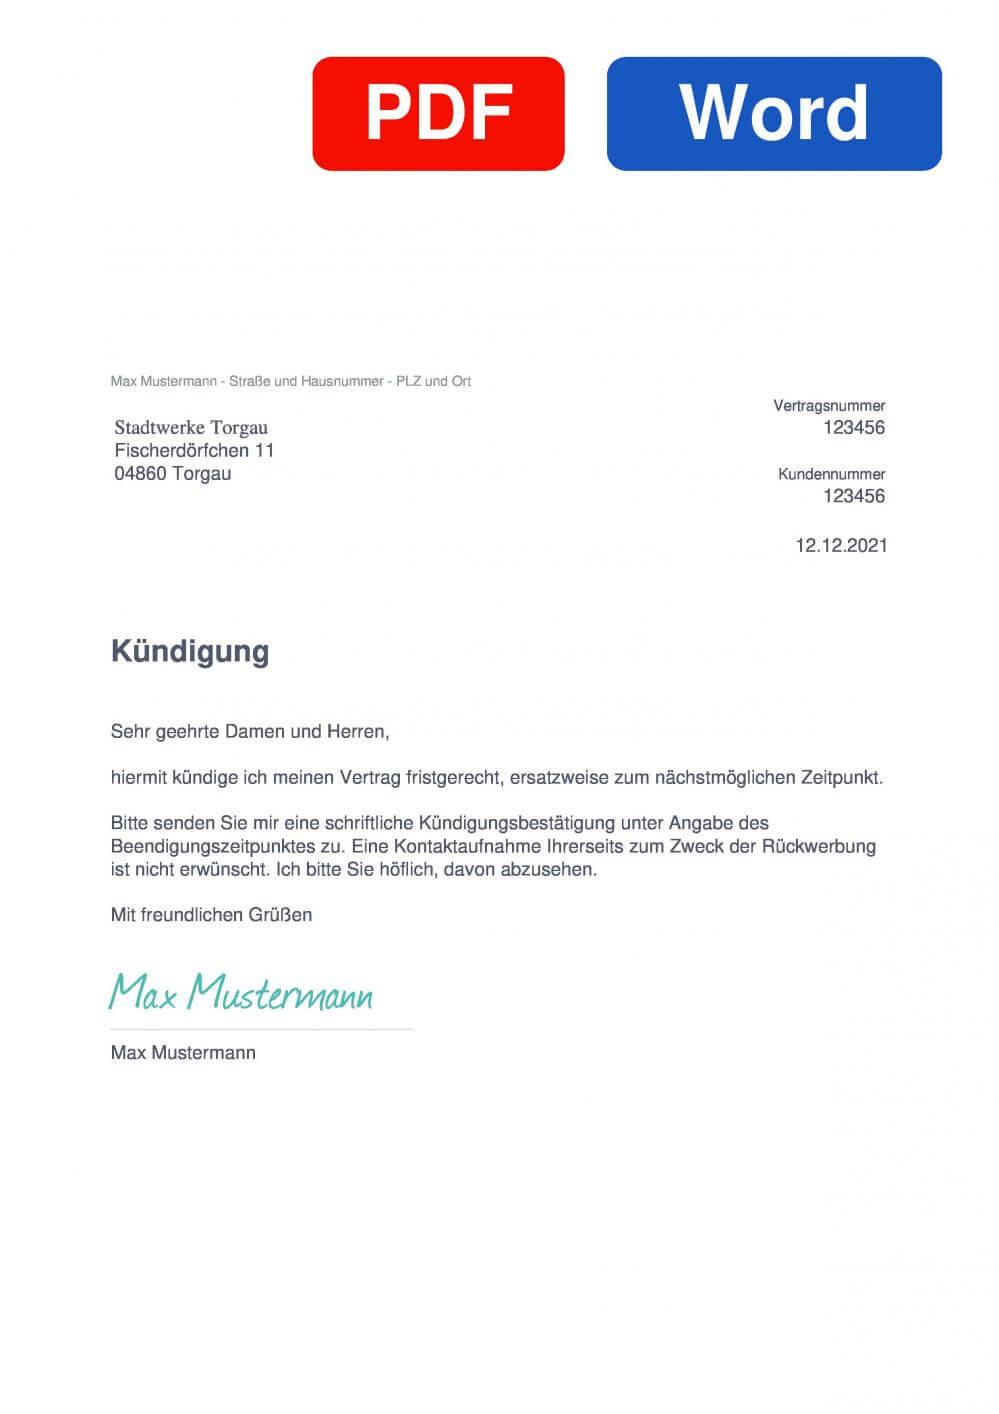 Stadtwerke Torgau Muster Vorlage für Kündigungsschreiben